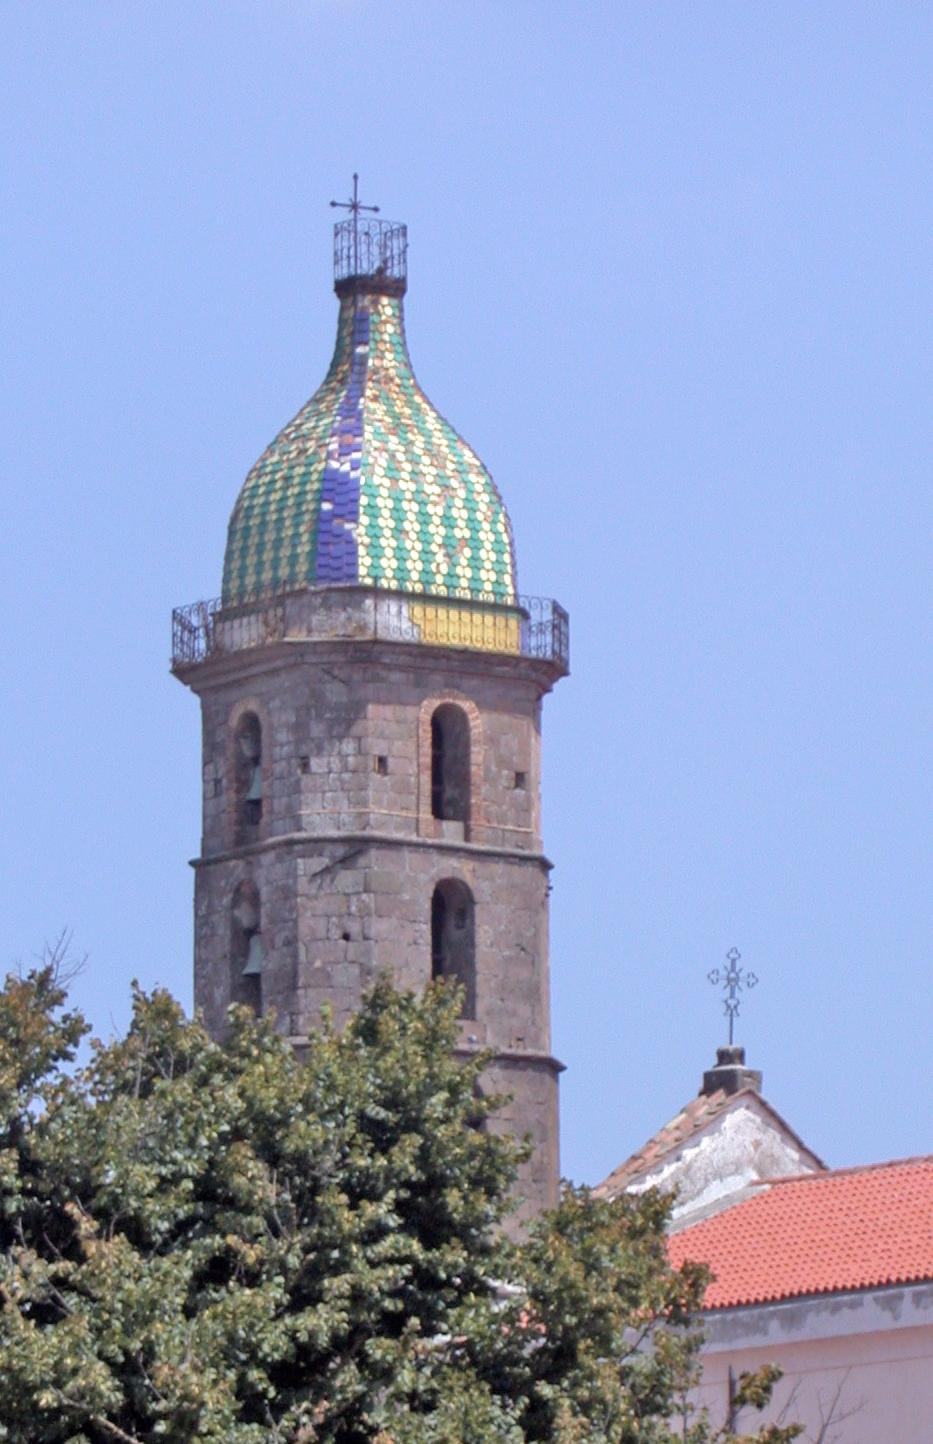 Roccamonfina - Wikimedia Commons